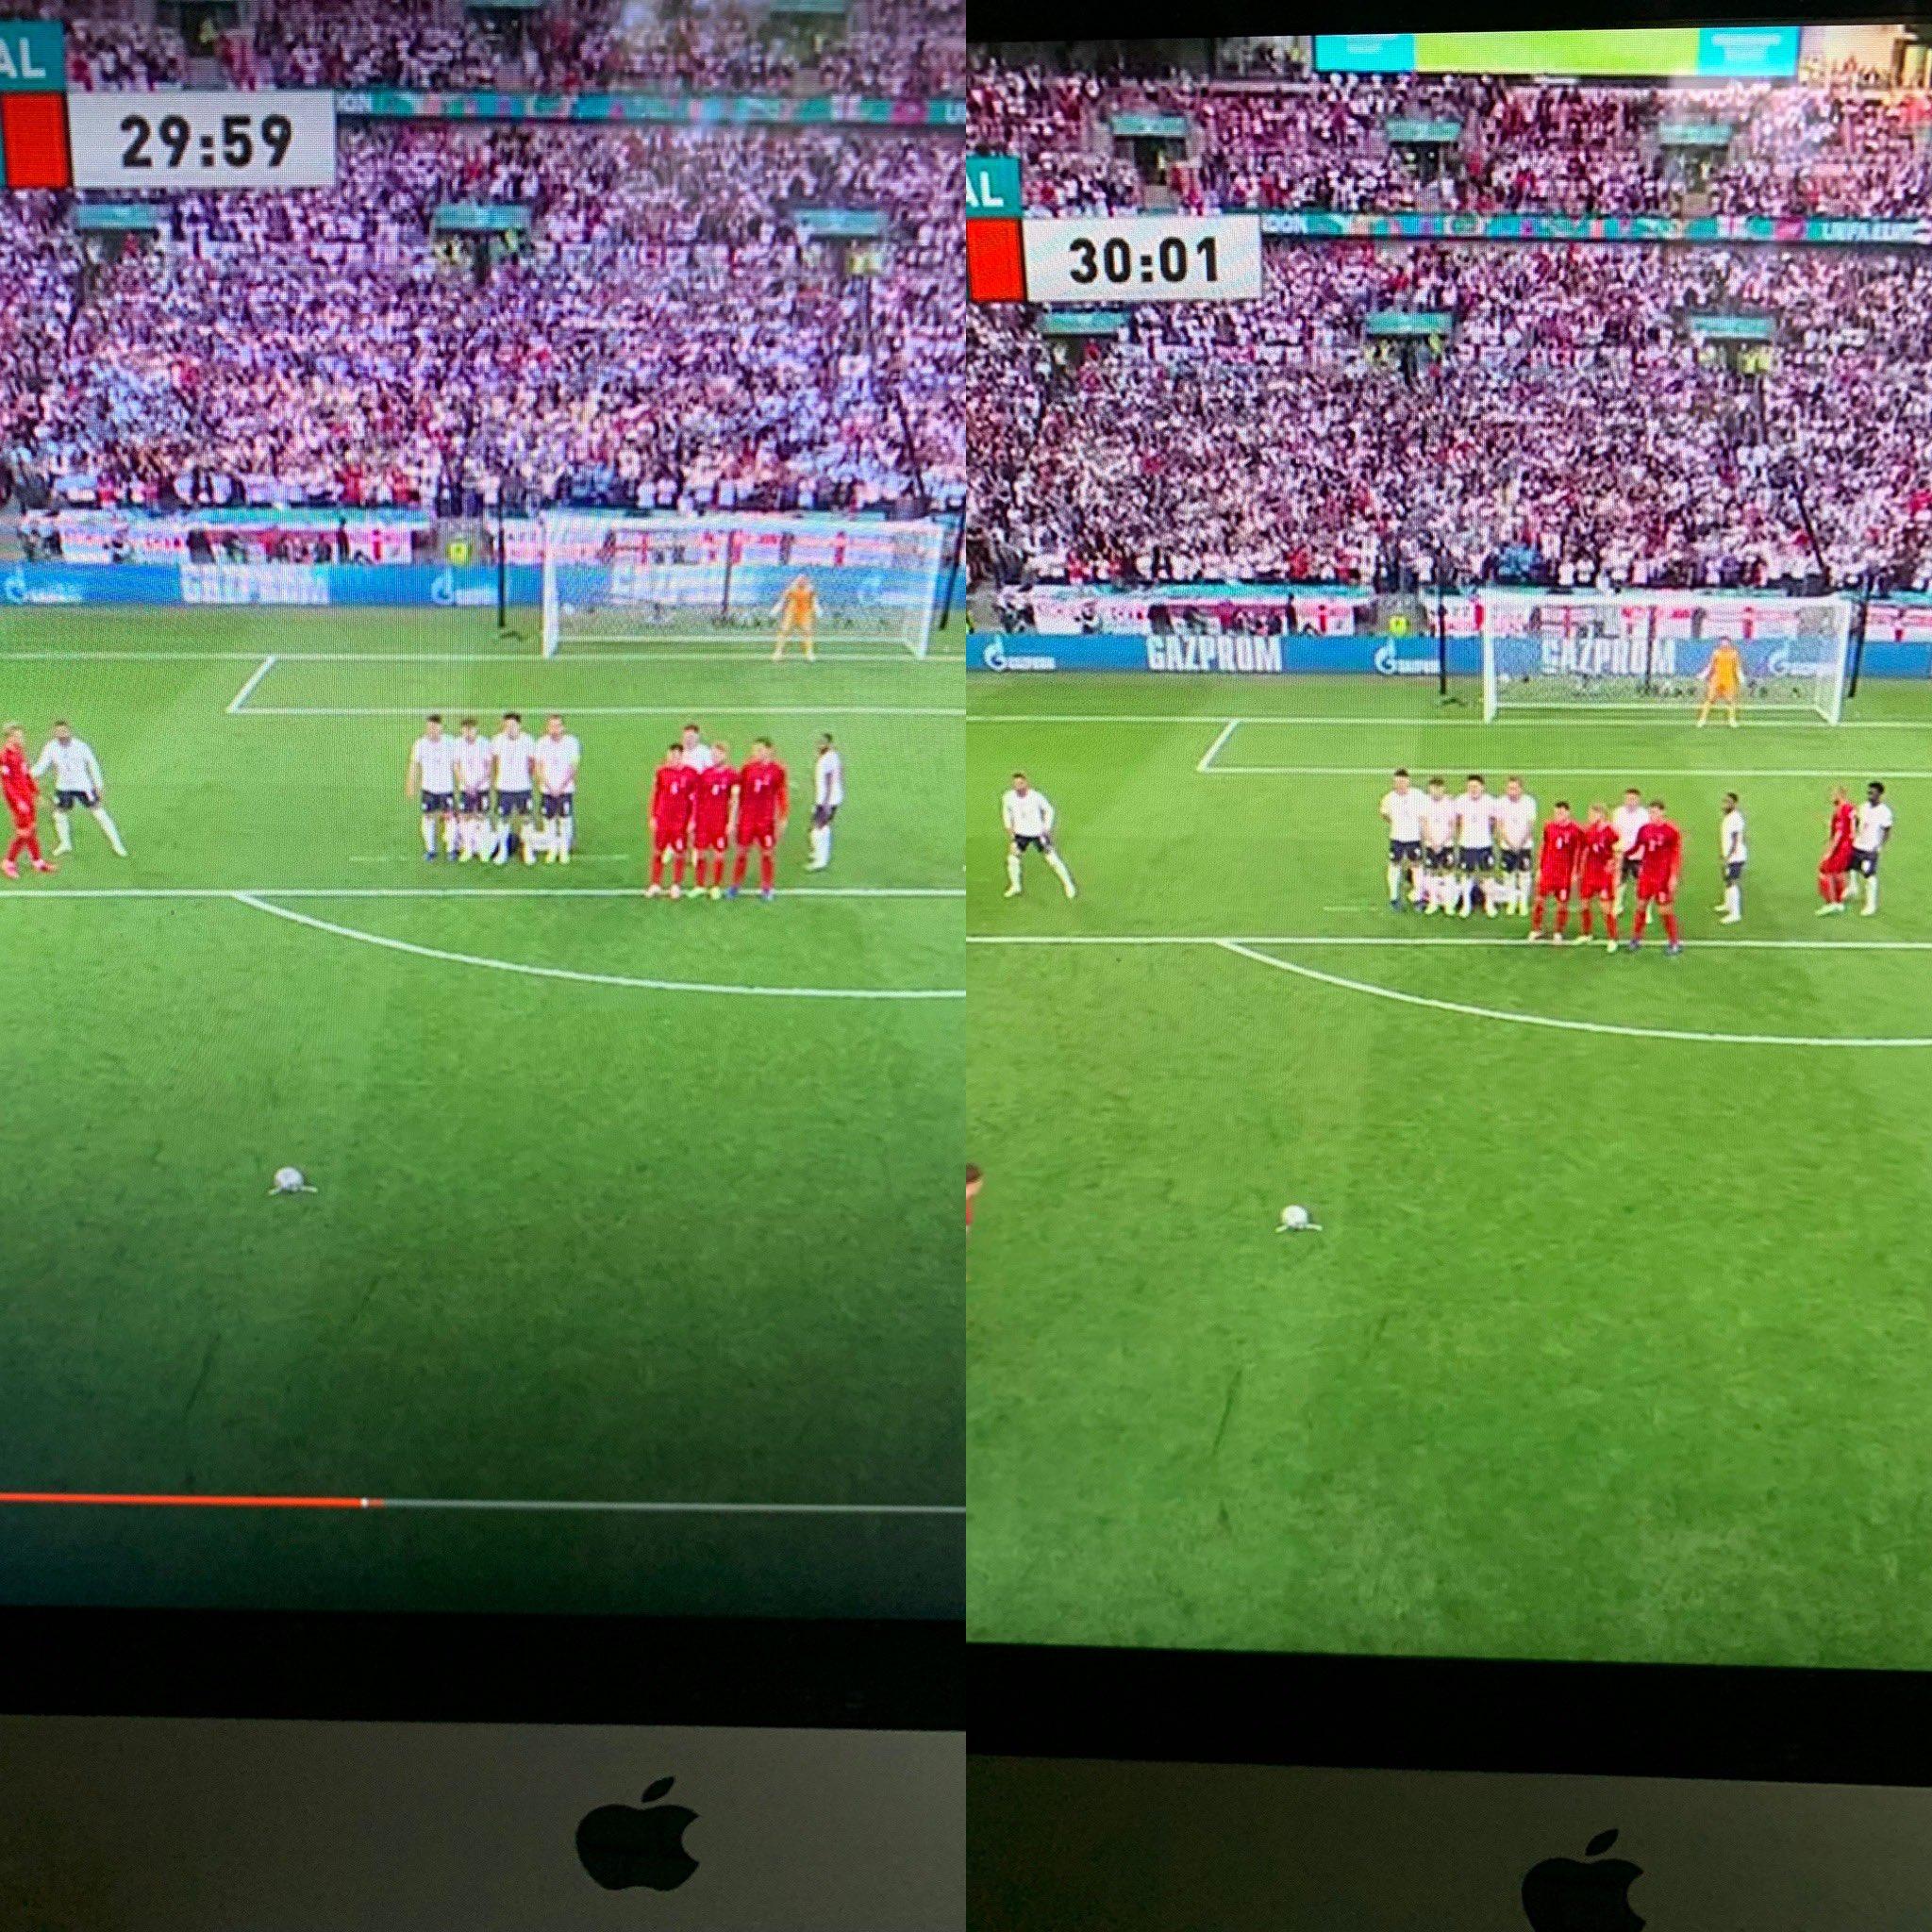 Полуфинал Евро – 2020 Англия – Дания закончился тремя скандалами и вызвал негодование СМИ и фанатов 1